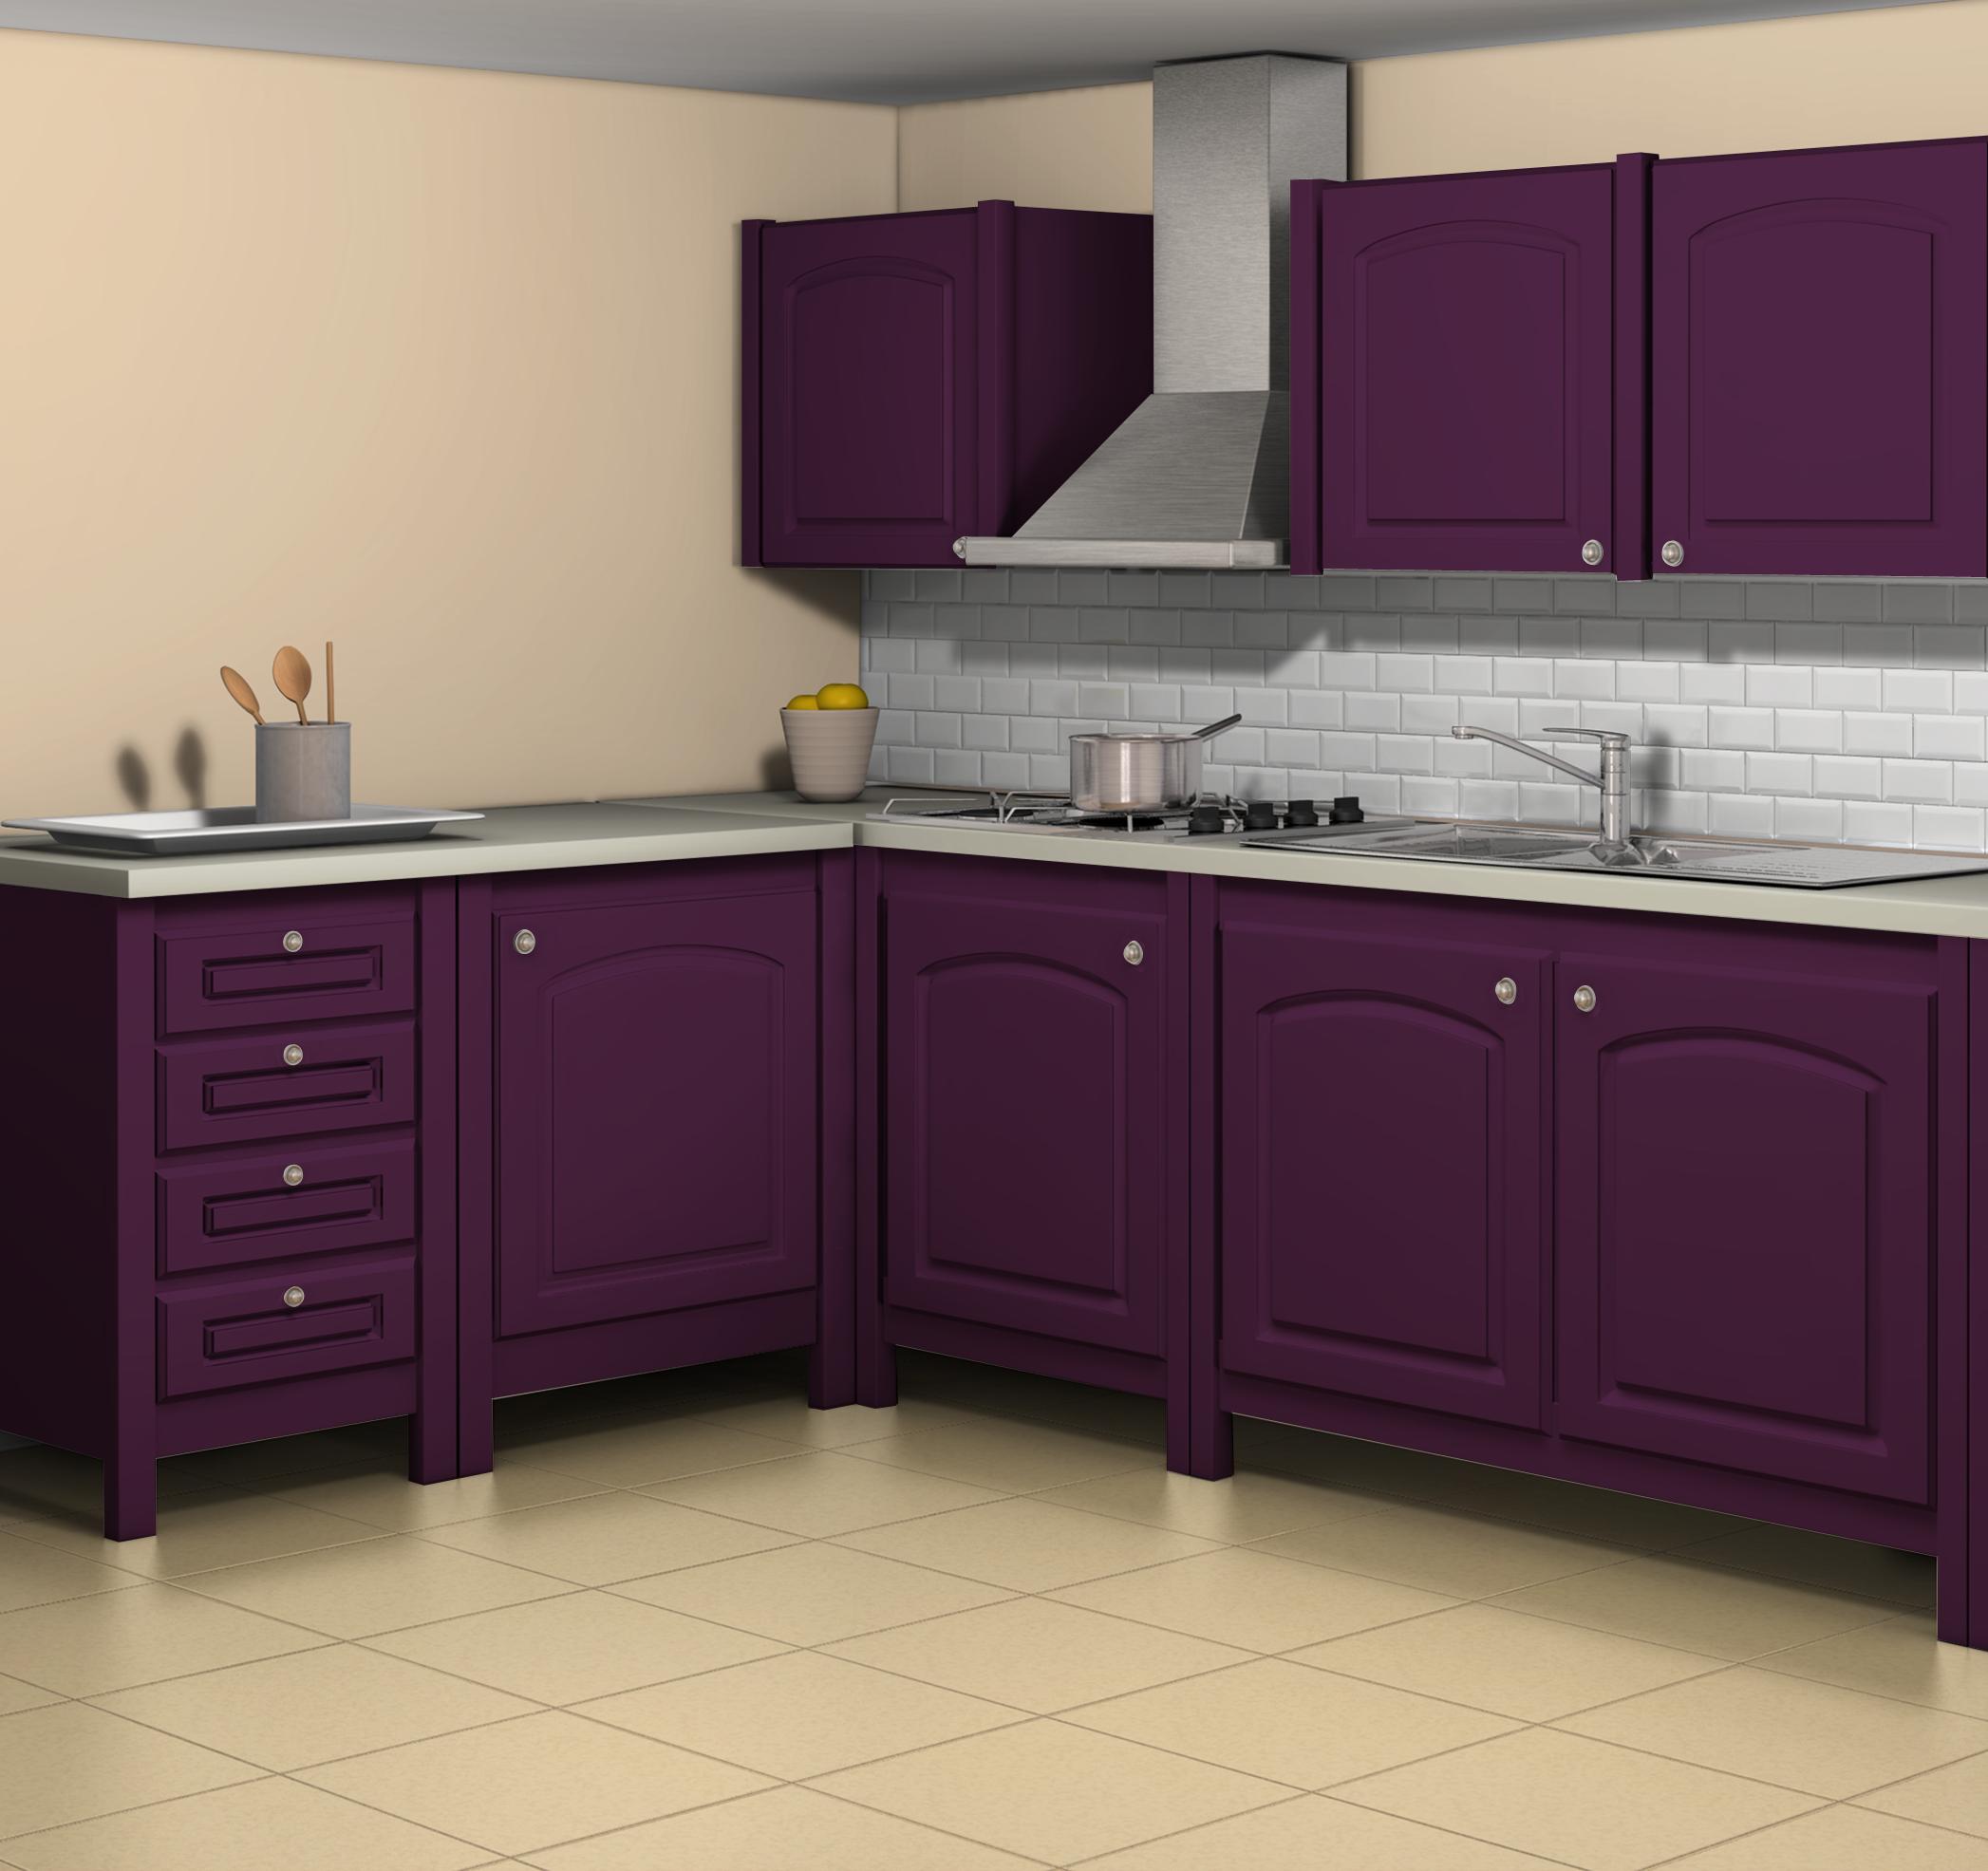 Esprit campagne simulation avec la teinte aubergine for Cuisine couleur aubergine